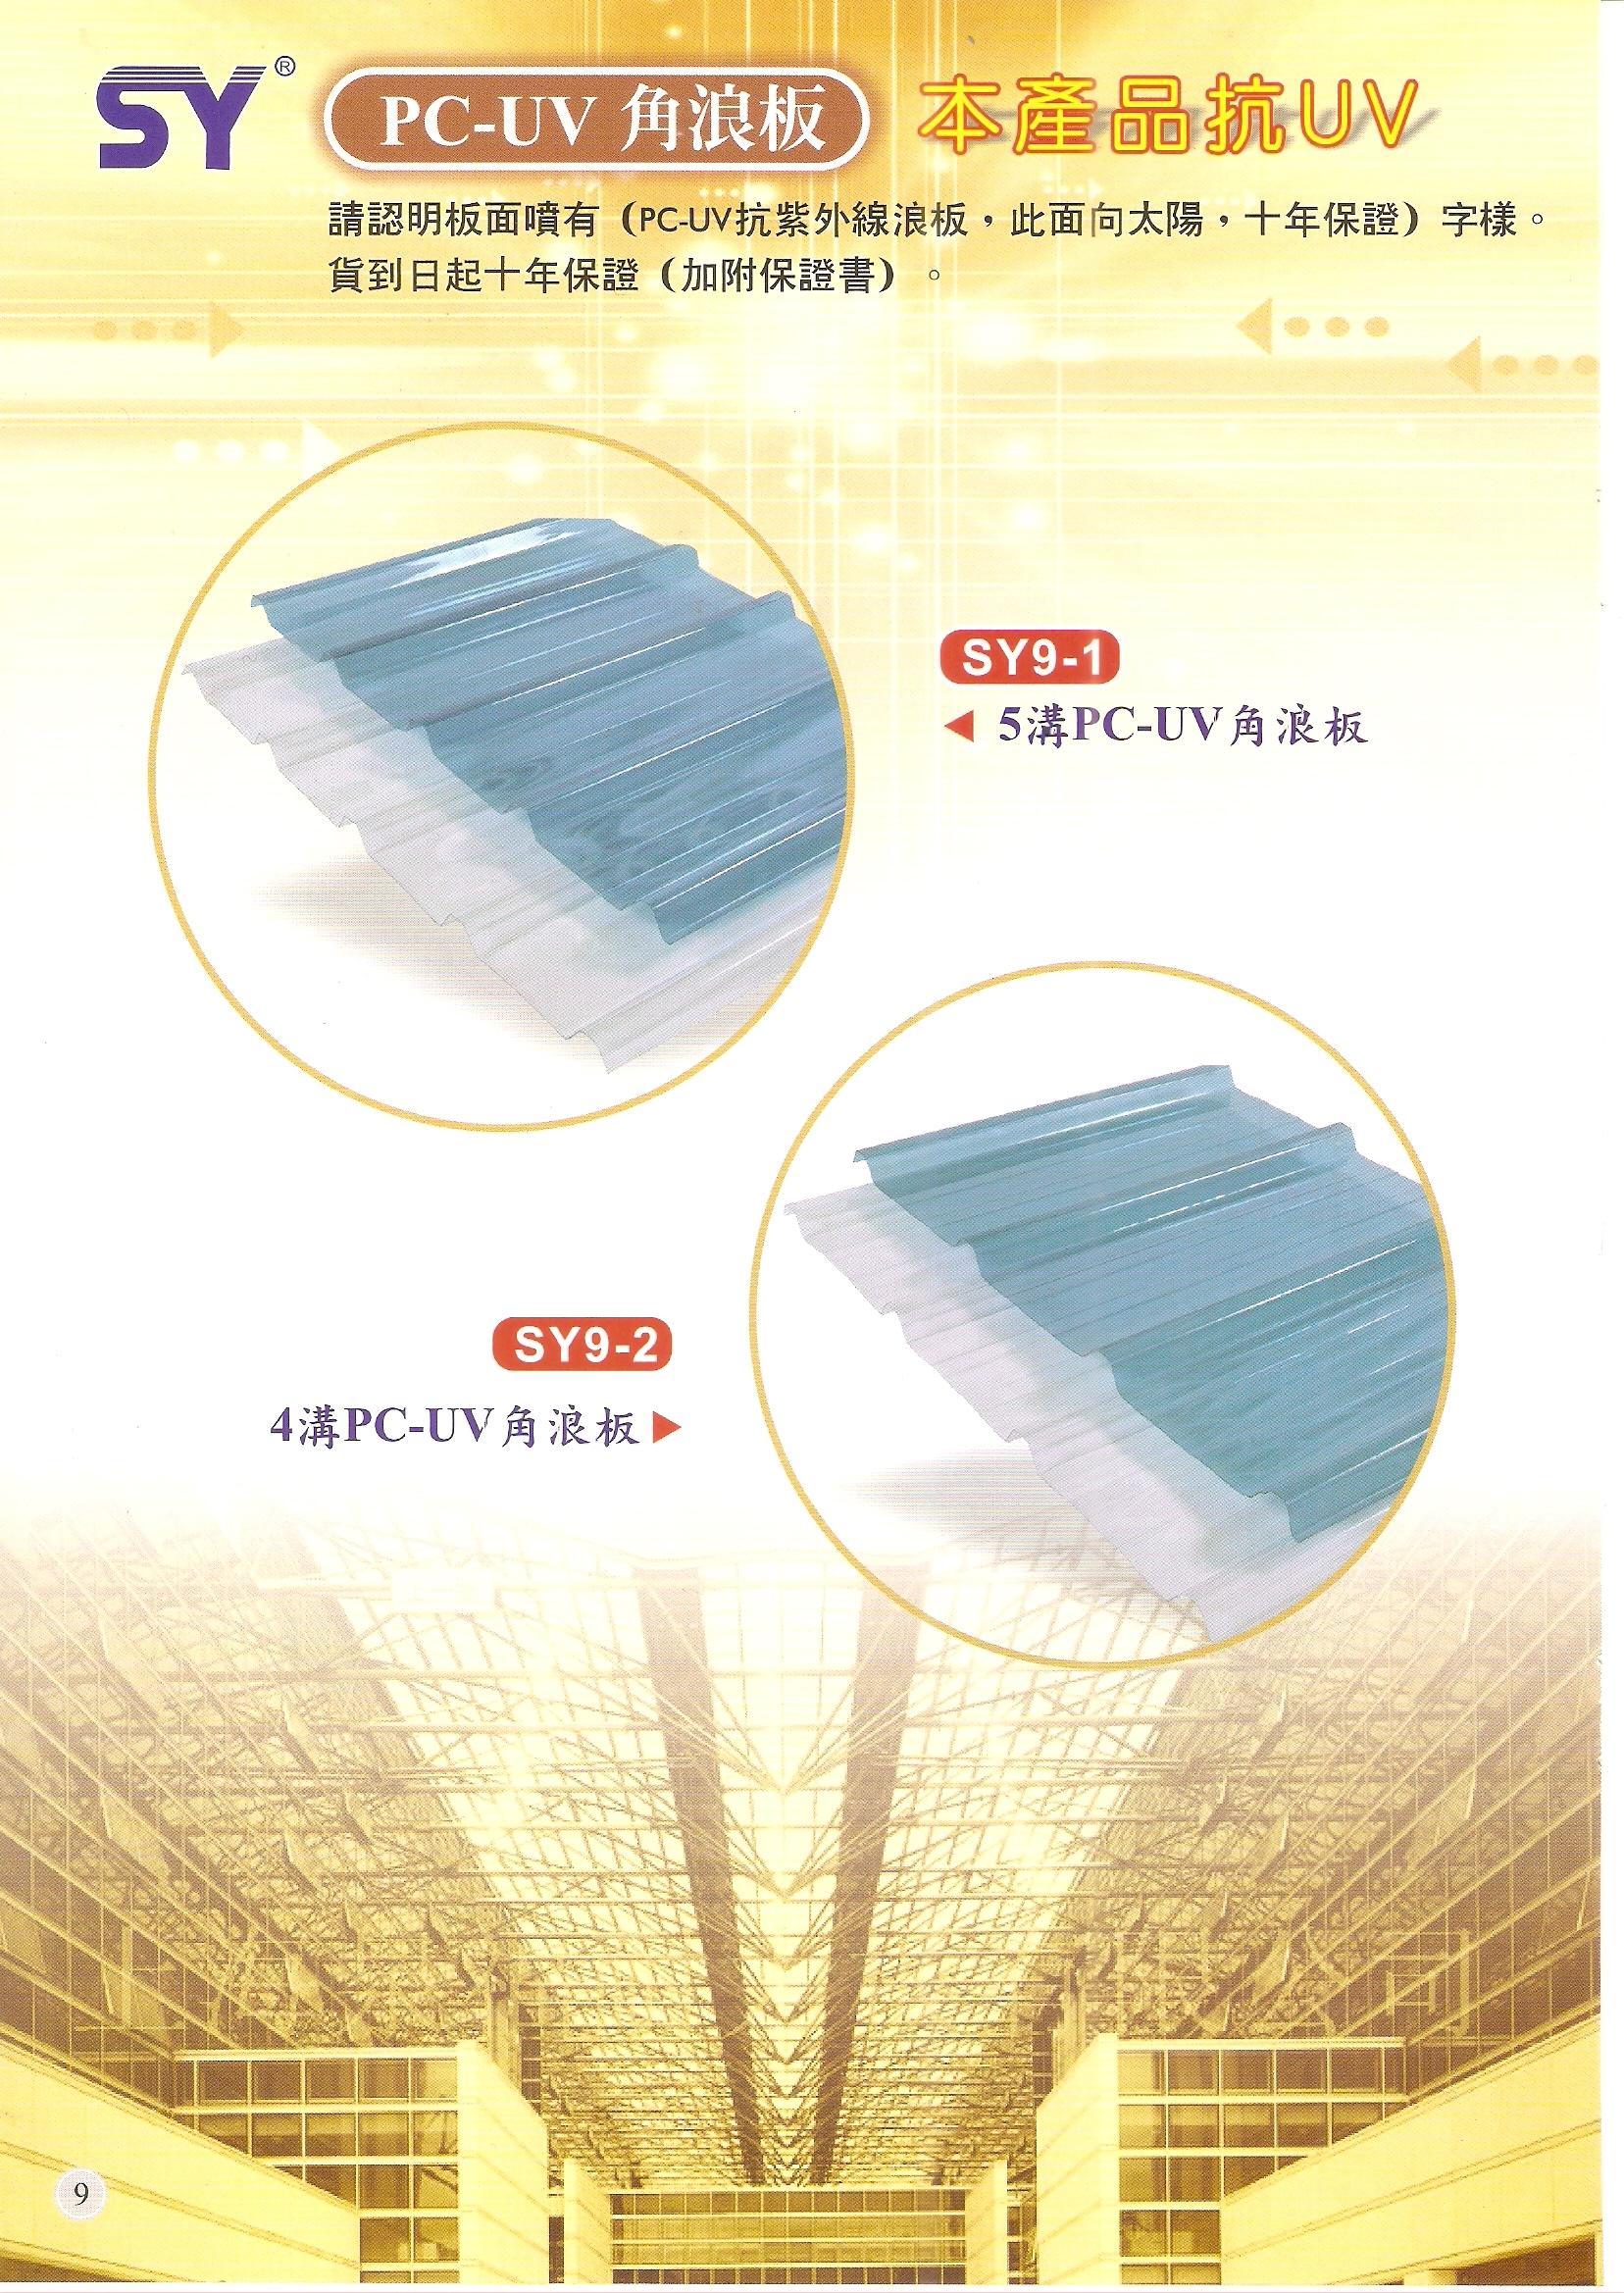 PC-UV角浪板,五溝,四溝